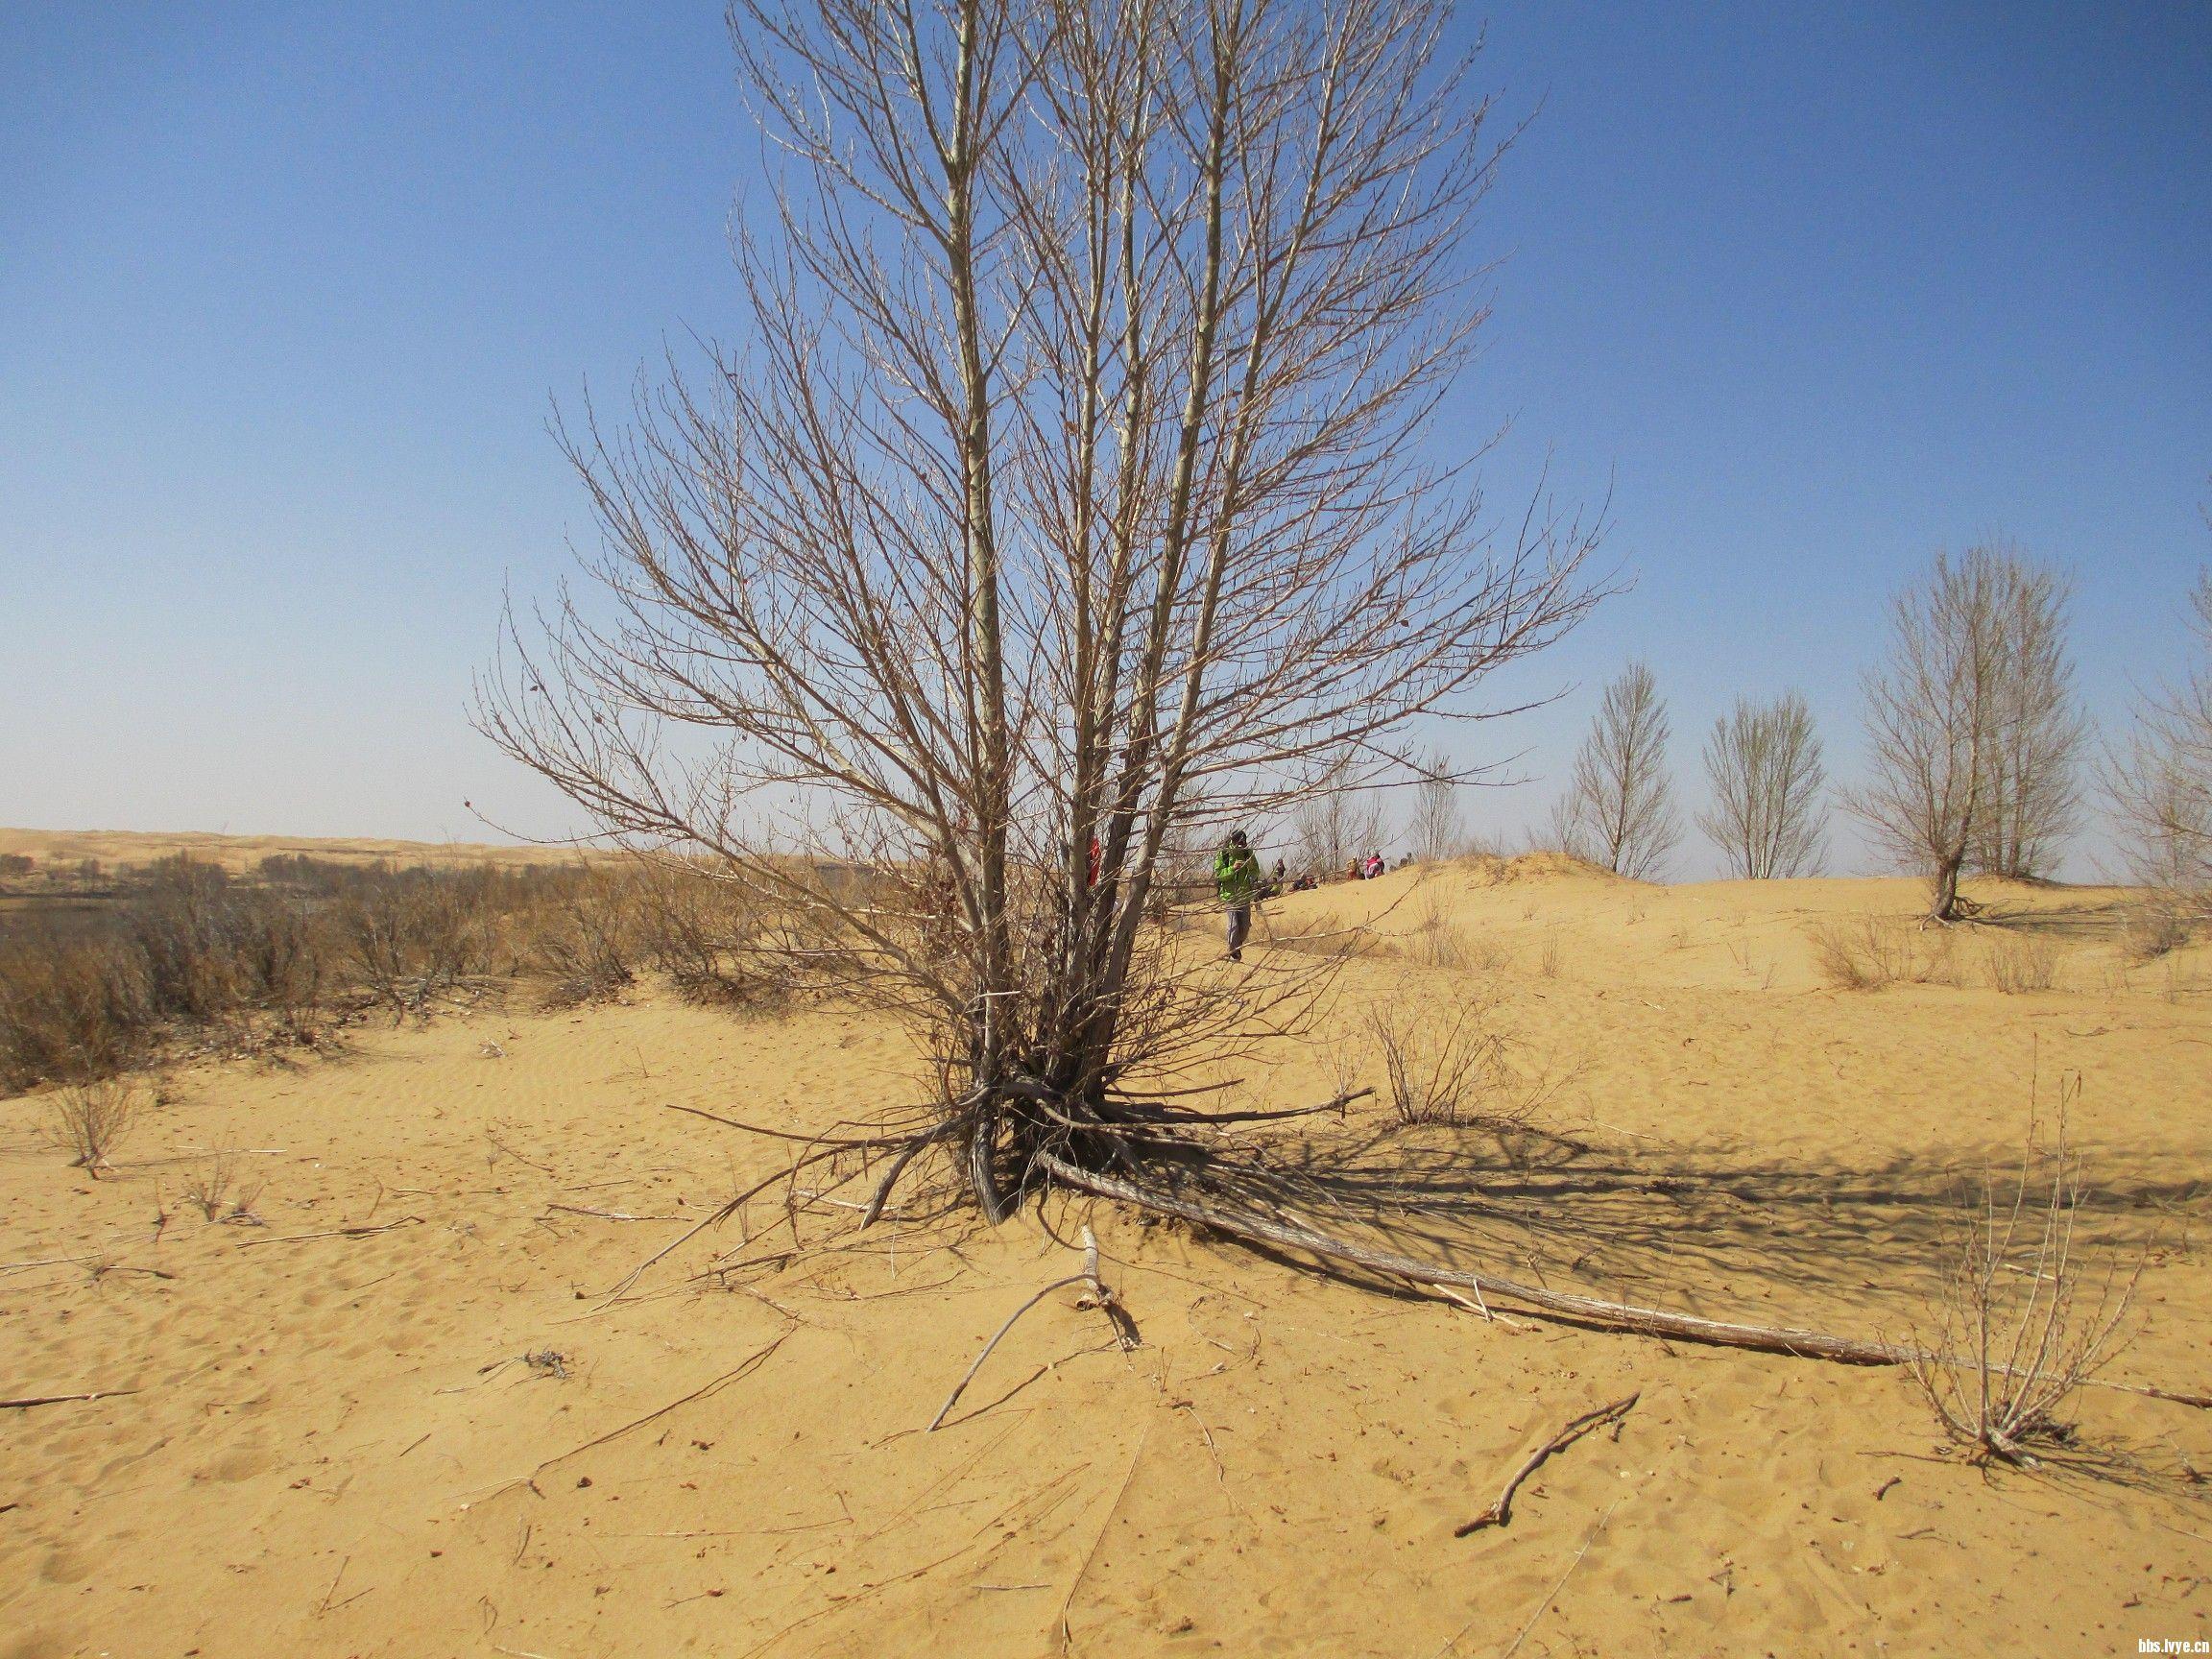 干枯的树木